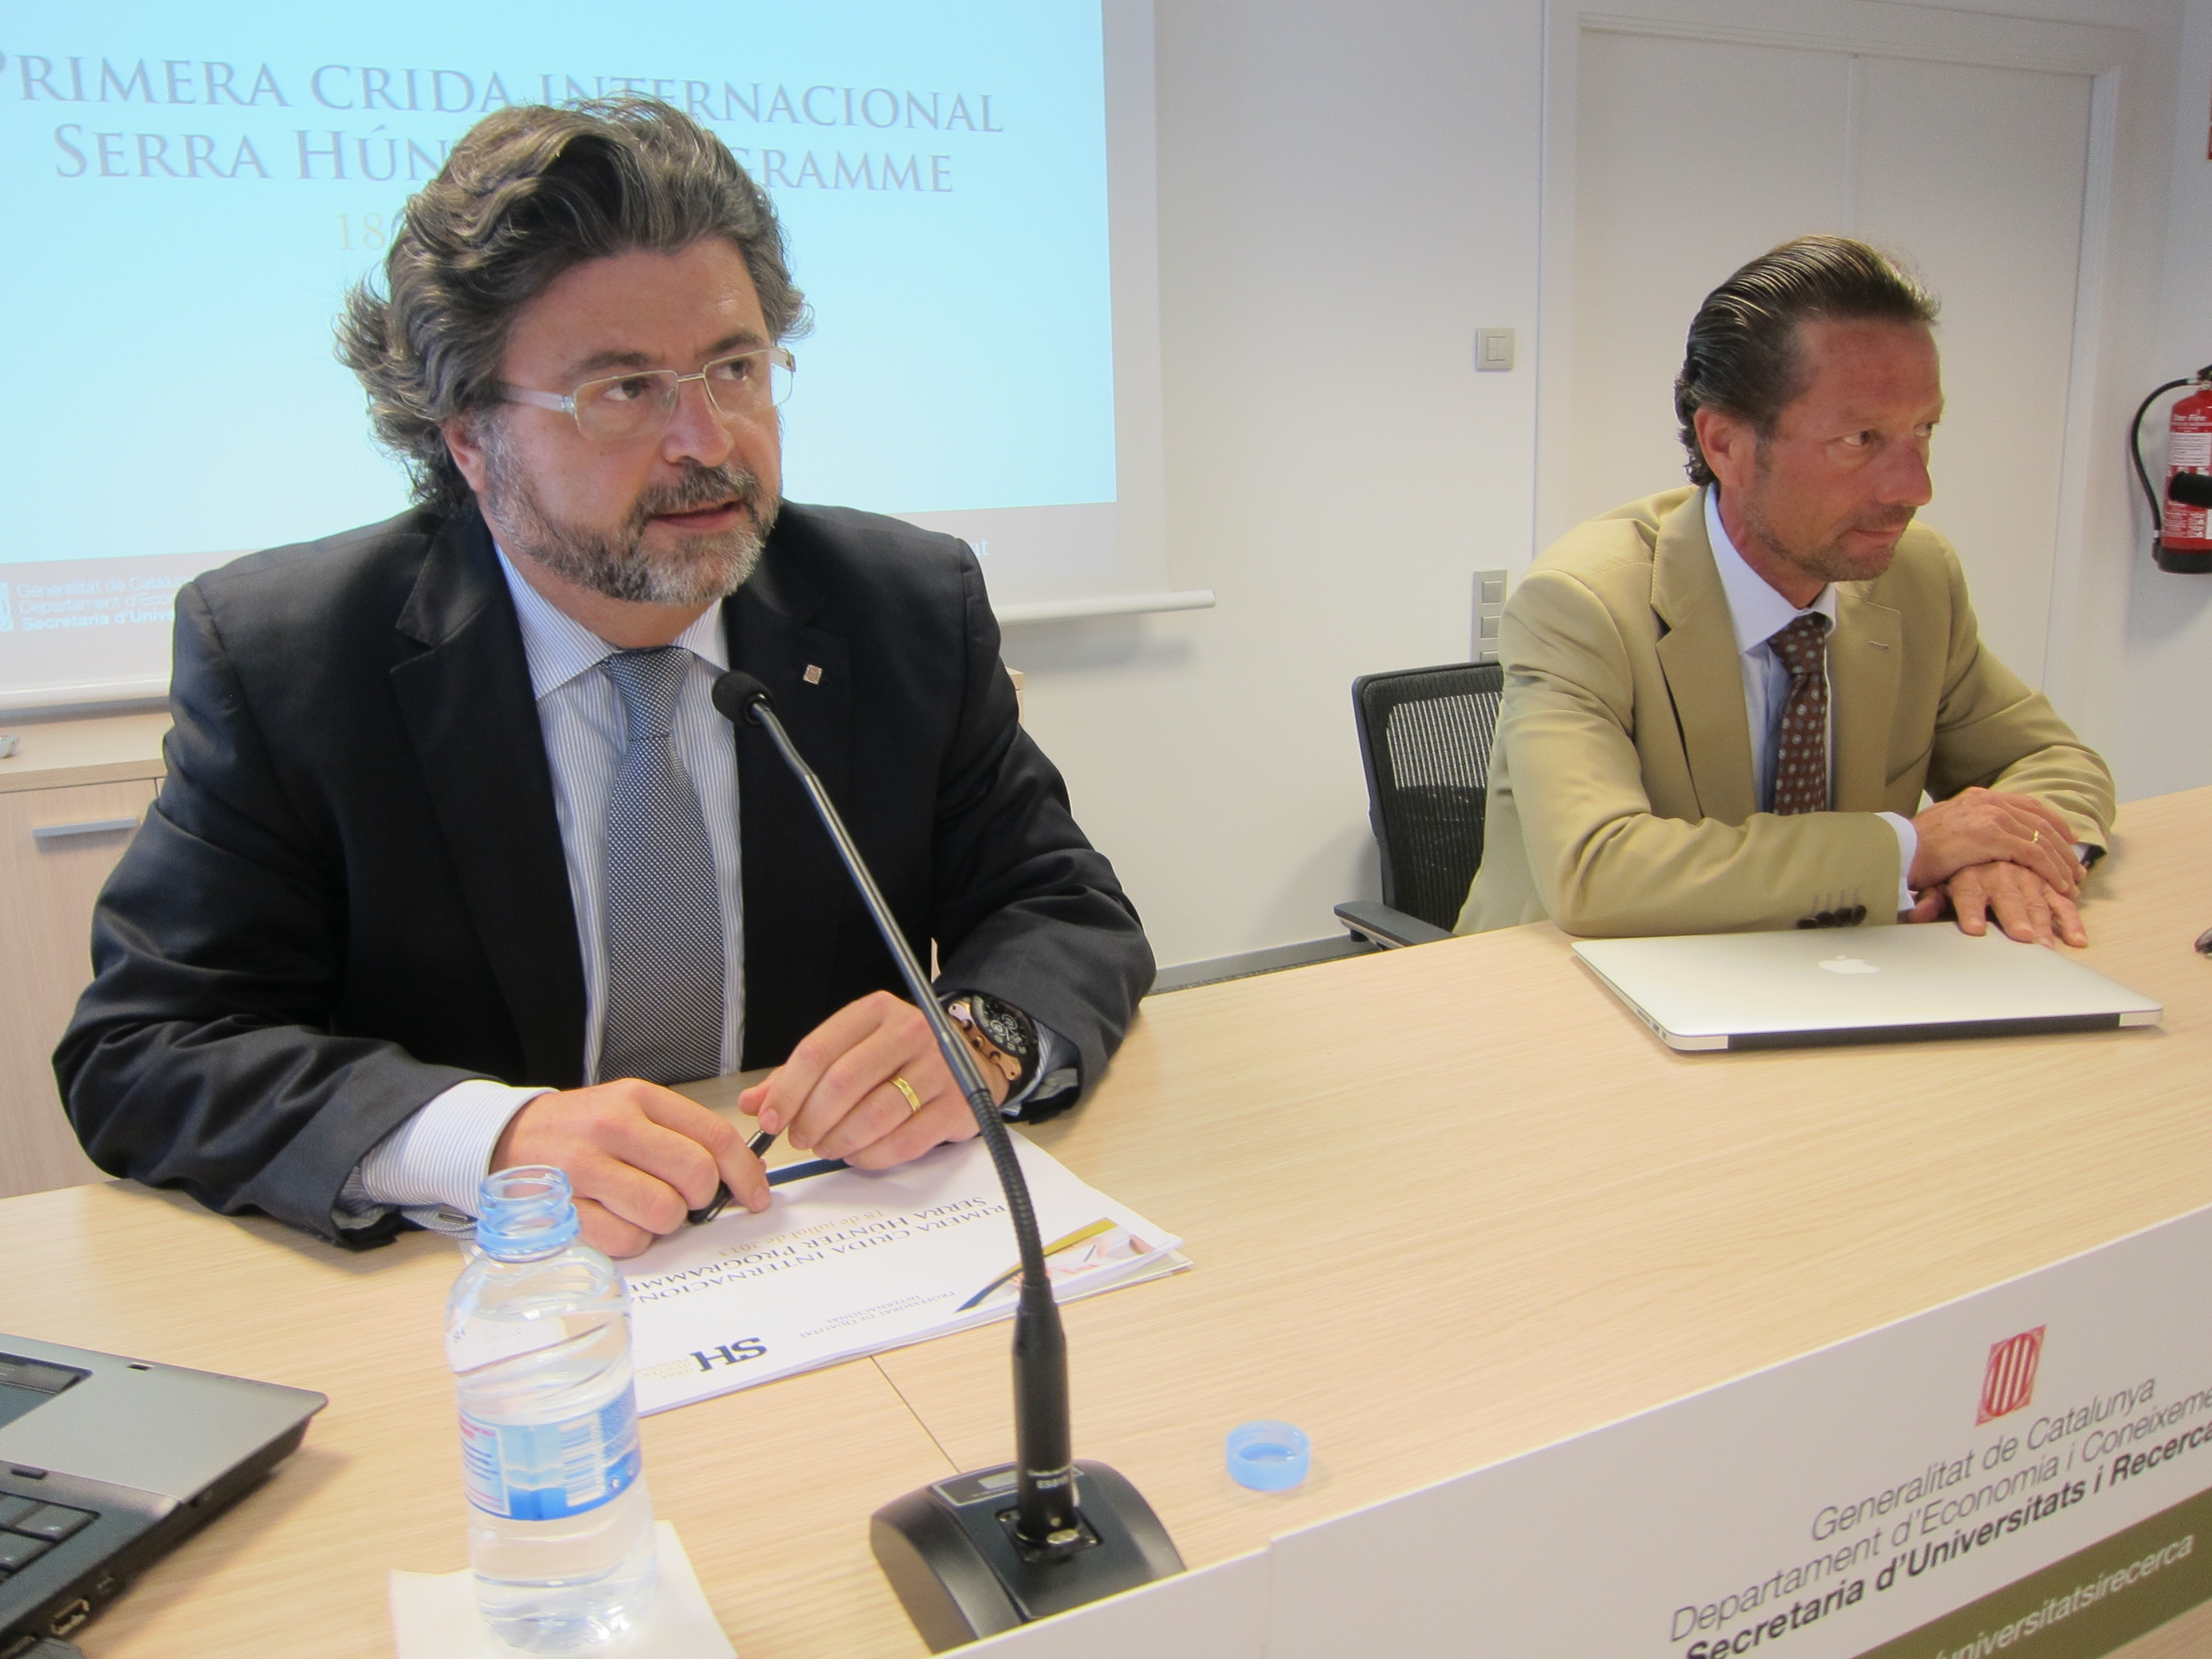 Universidades catalanas reciben un 26% de peticiones de profesores extranjeros para hacer docencia